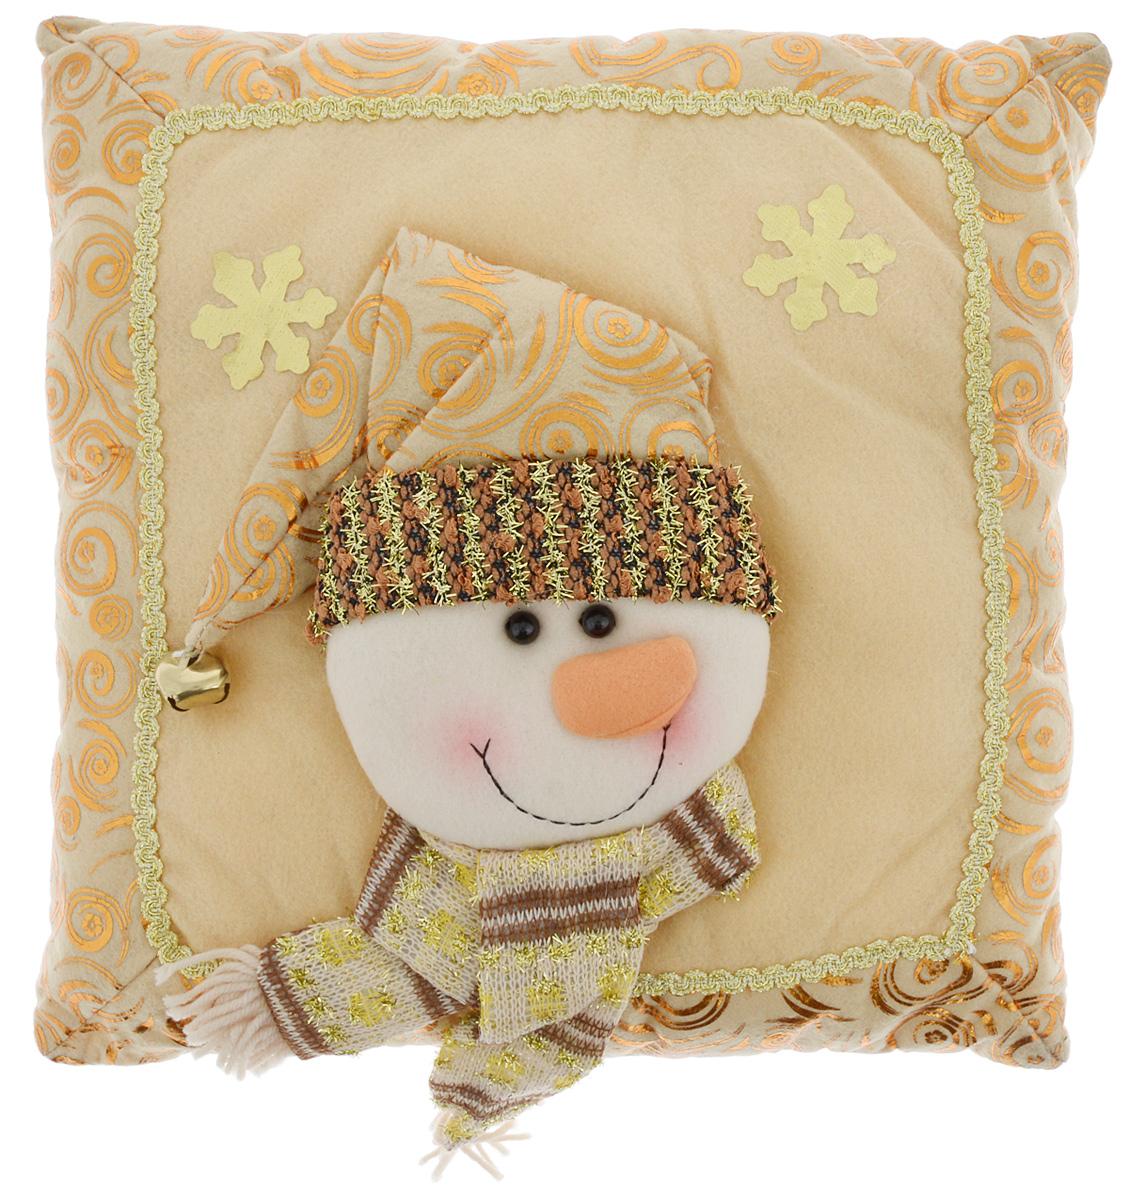 Подушка декоративная Win Max Снеговик, 30 х 30 cм. 171Брелок для ключейДекоративная подушка Win Max Снеговик прекрасно подойдет для праздничного декора вашего дома в преддверии Нового года. Чехол выполнен из текстиля с комбинированной текстурой, украшен изображением снежинок и аппликацией в виде забавного снеговика. Синтепоновый наполнитель делает подушку мягкой и уютной. Красивая подушка создаст в доме уют и станет прекрасным элементом декора.